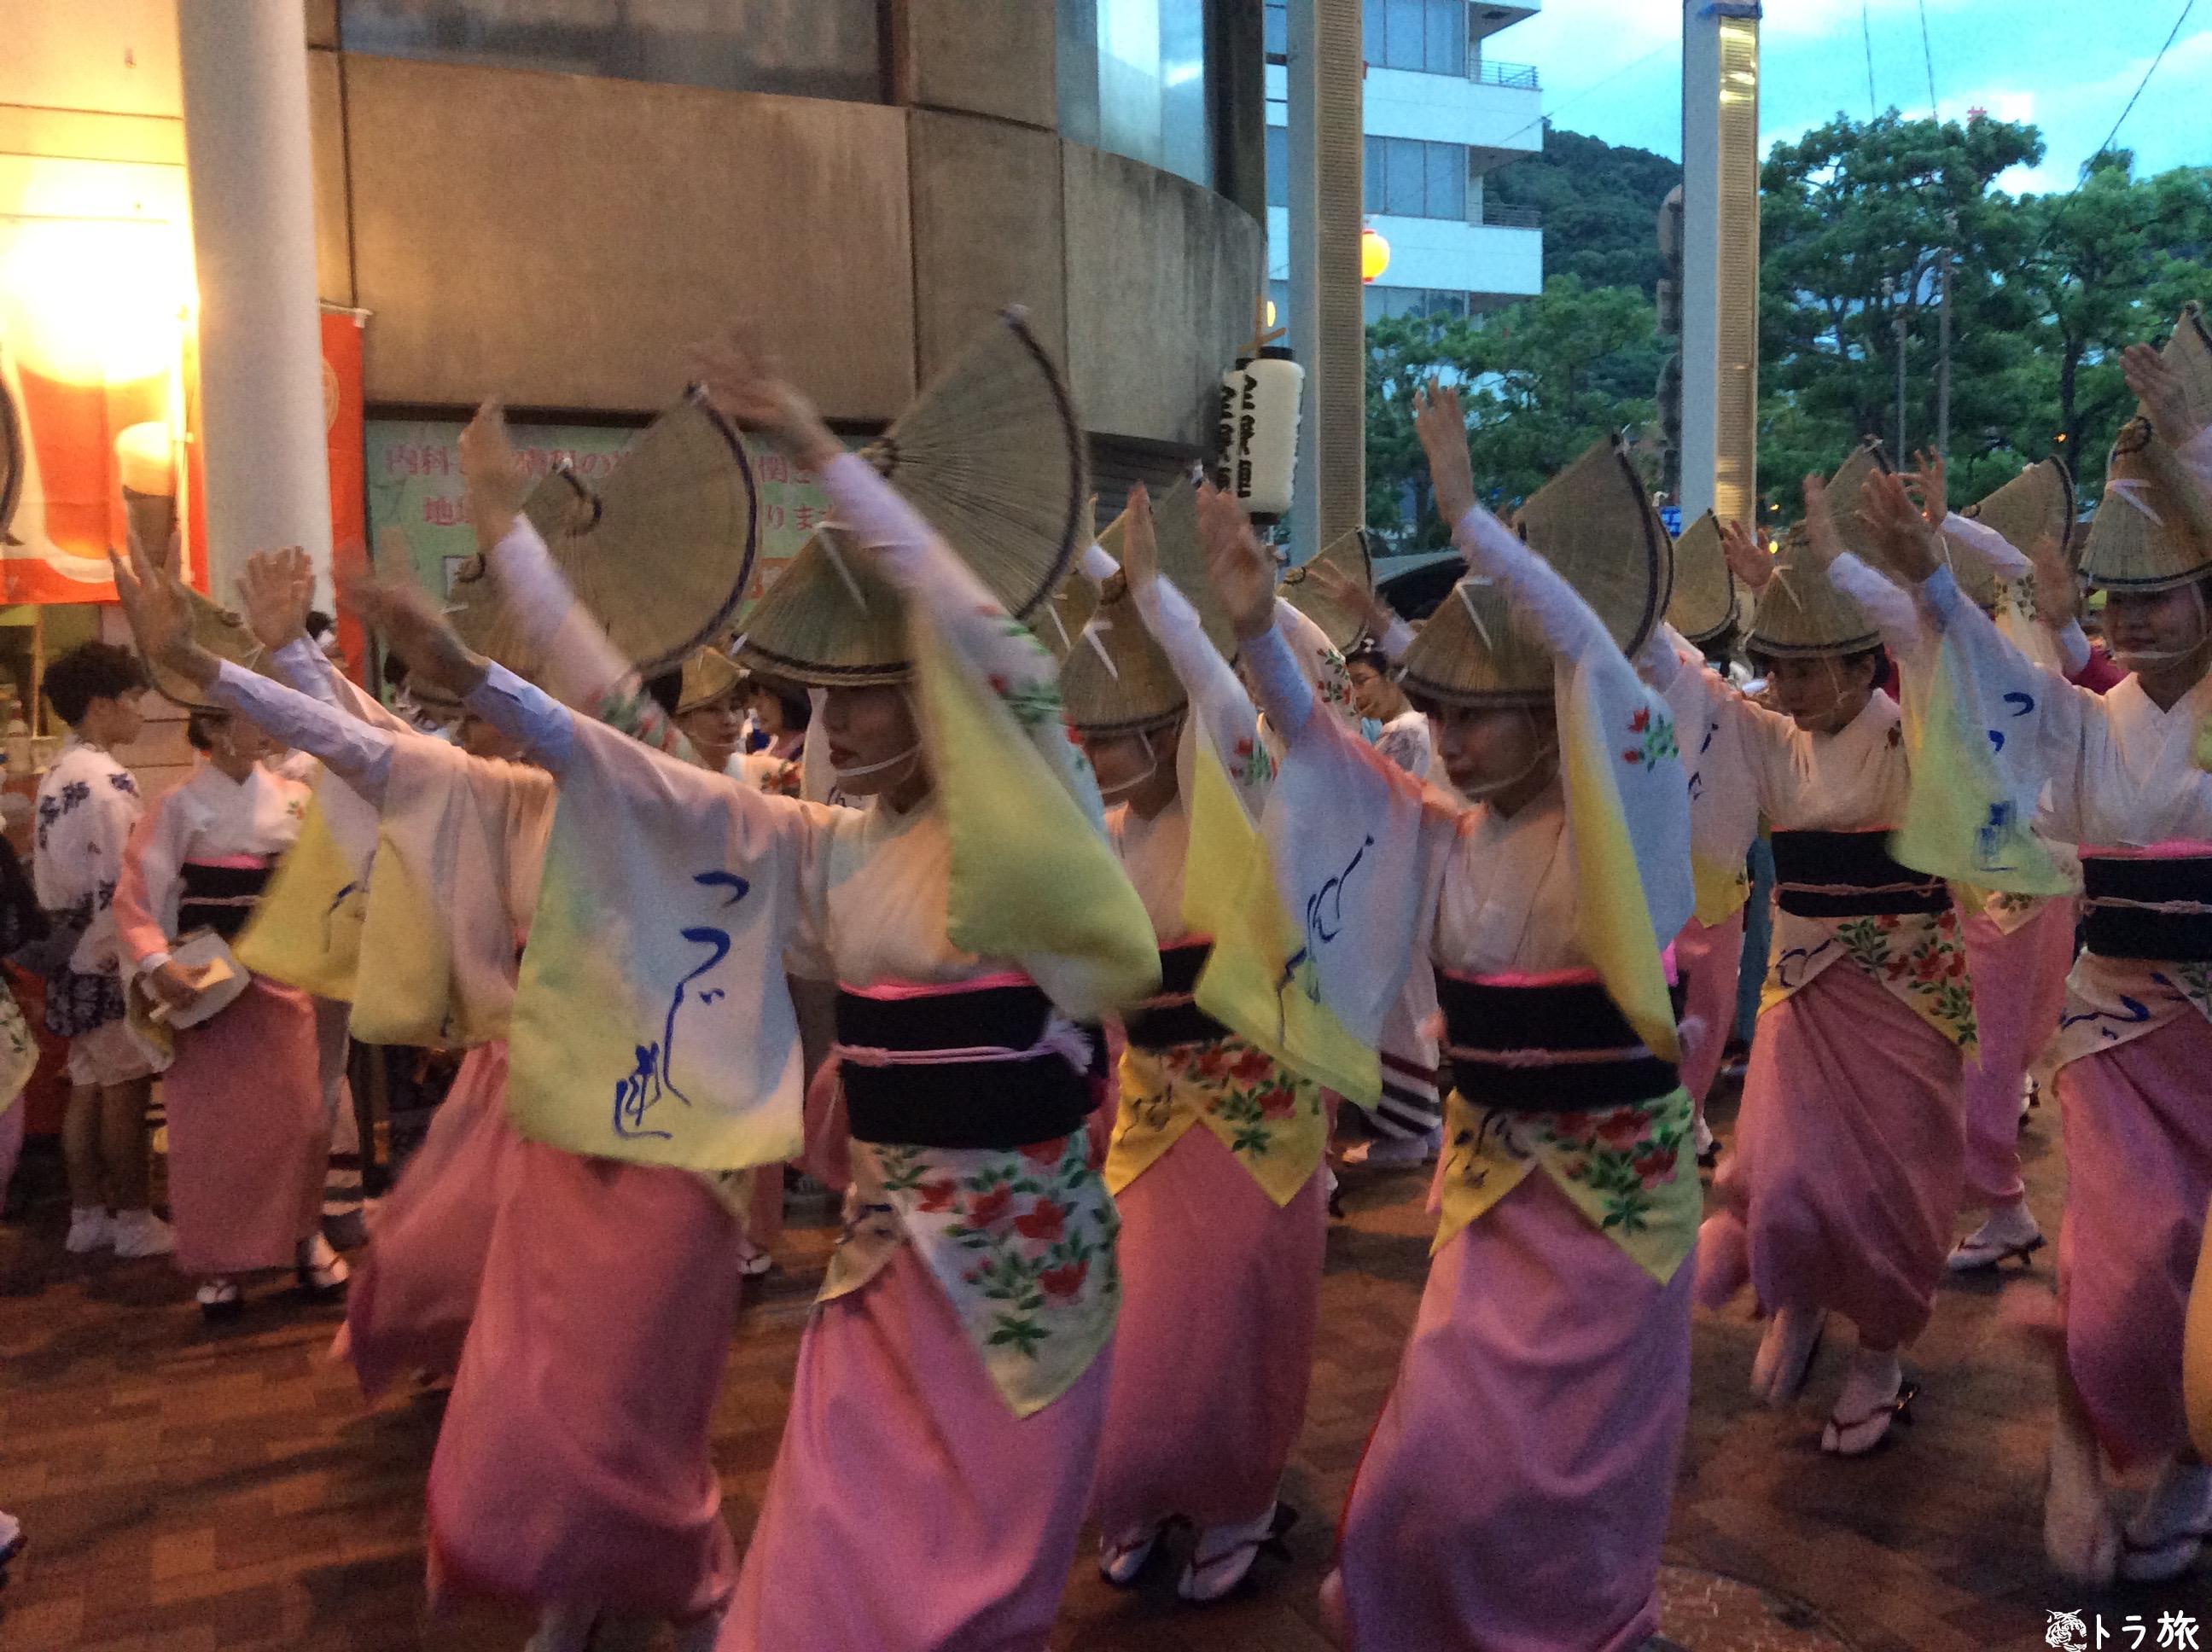 お盆休みに車で四国一周!日本で一番熱い祭りだらけの5日間